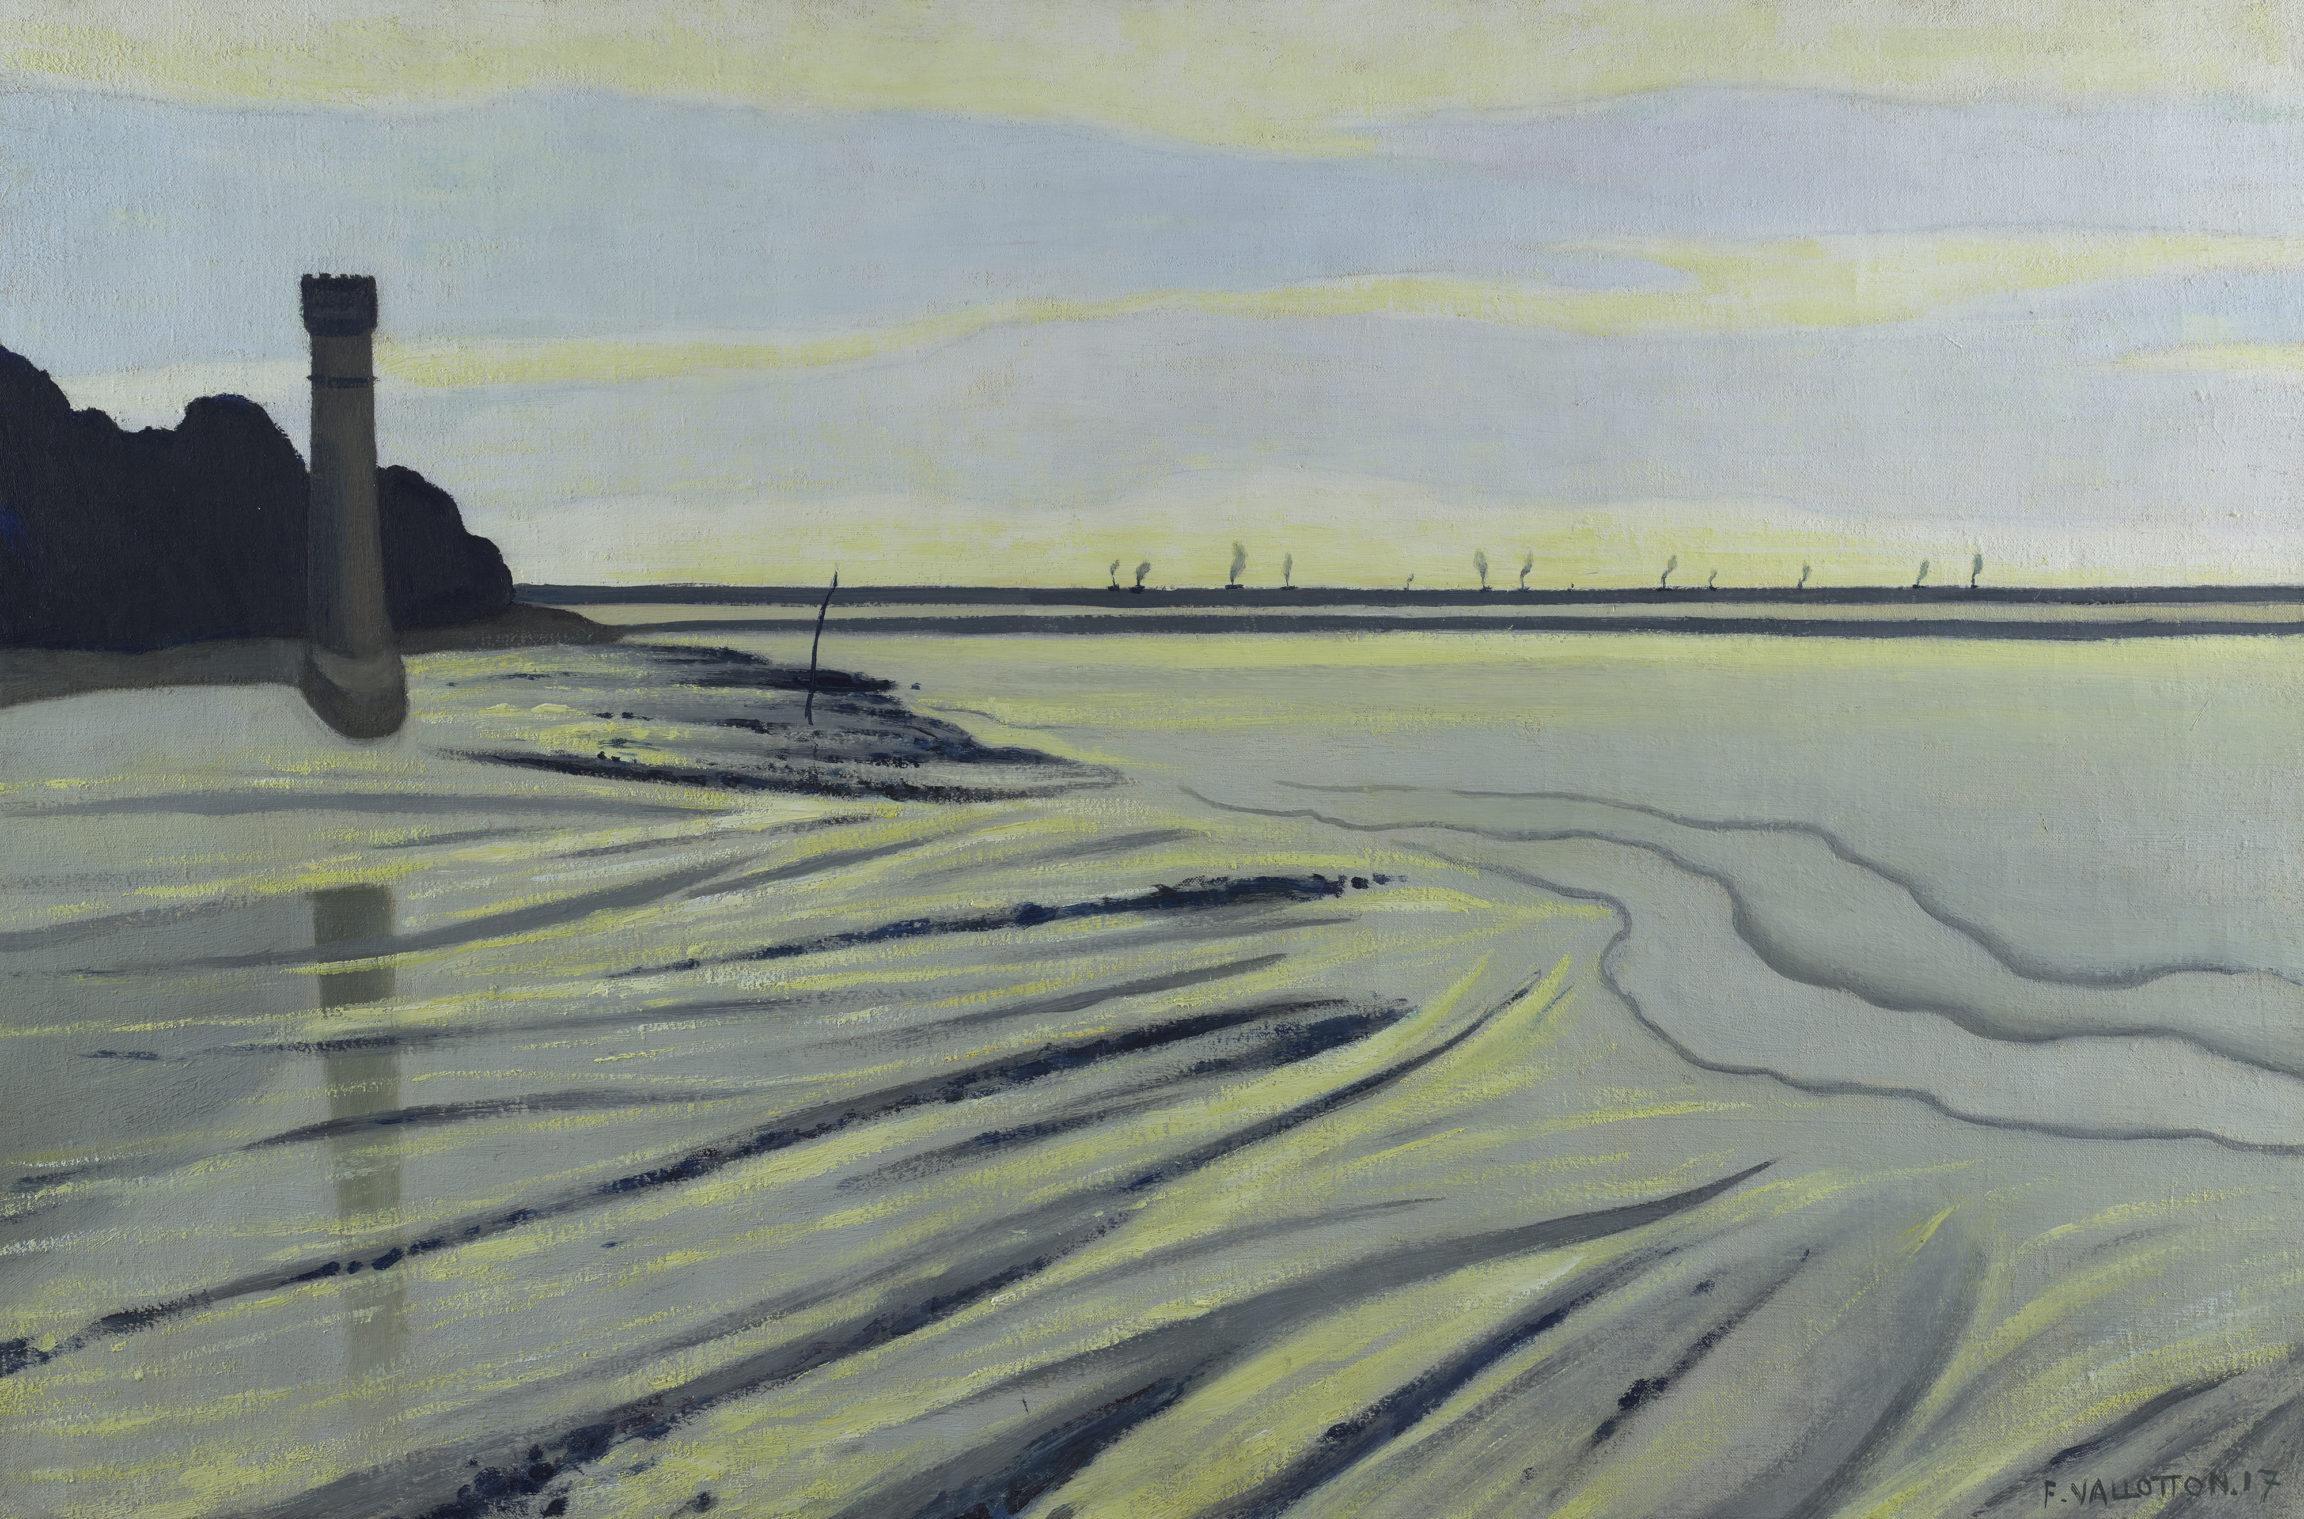 Félix Vallotton, Vases de Honfleur, 1917